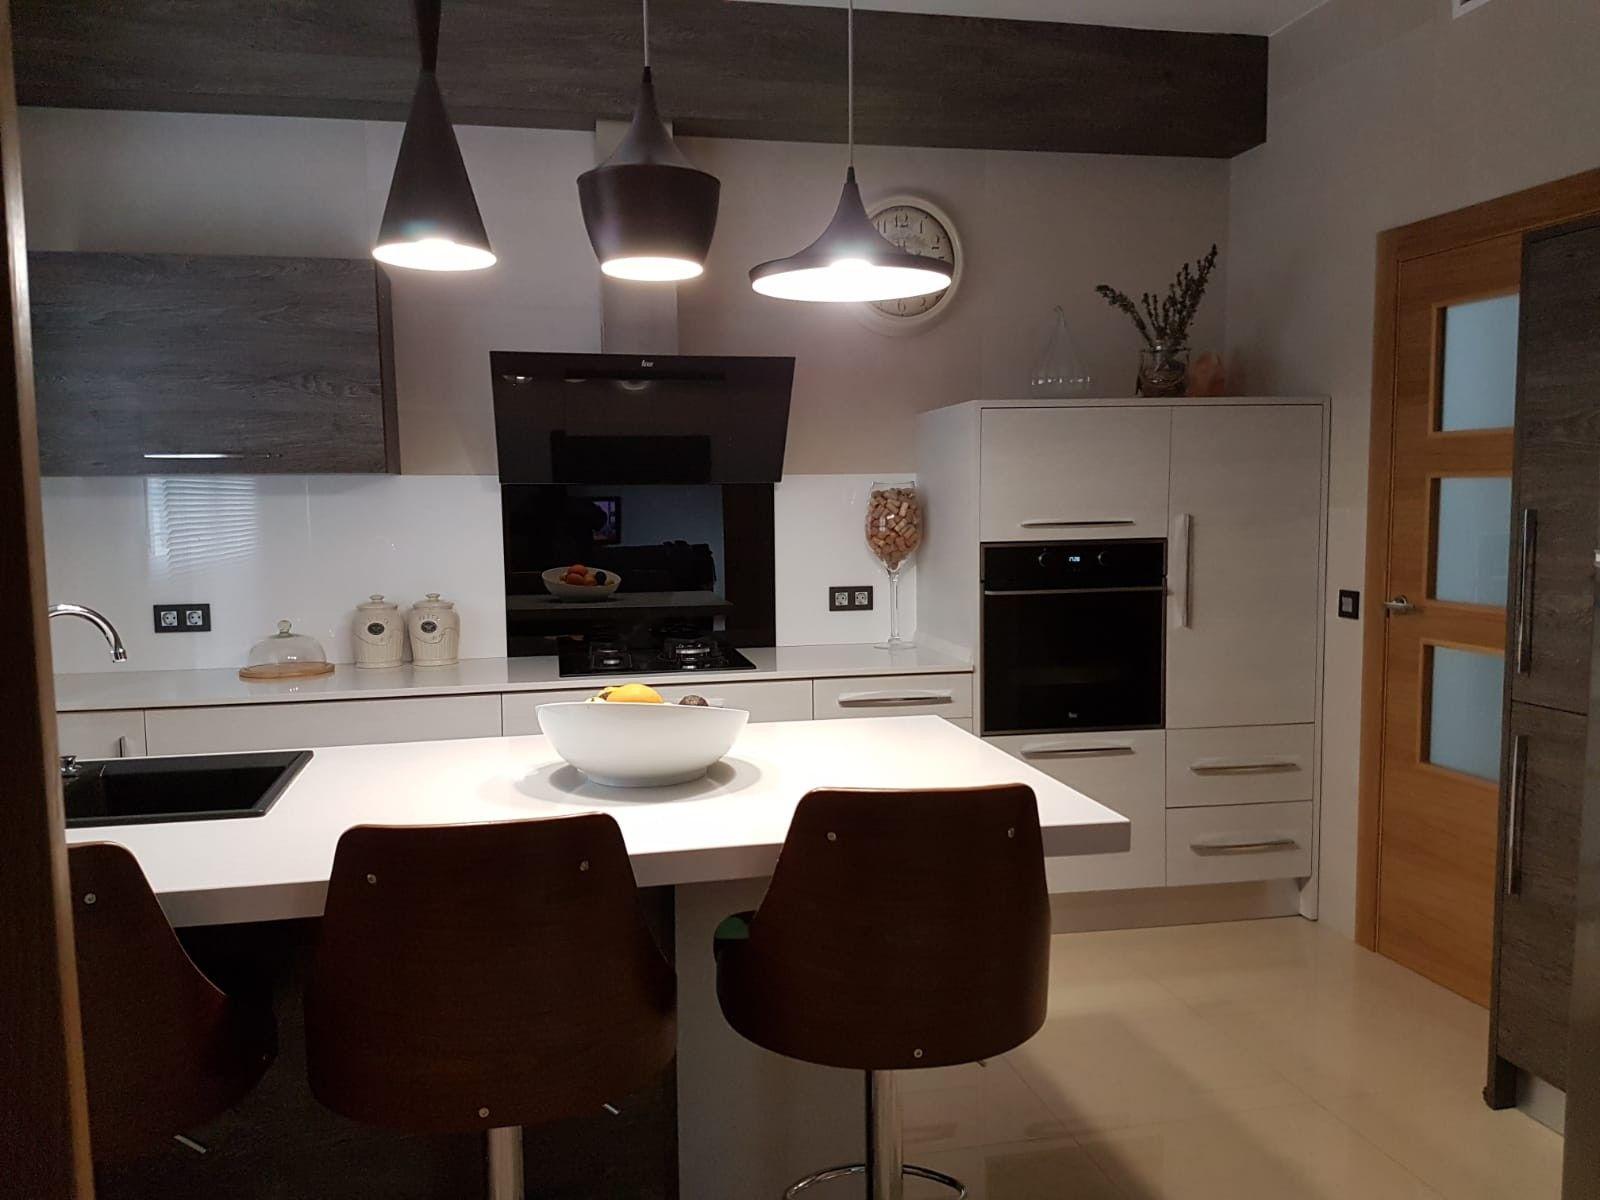 Foto 5 de Muebles de cocina en Media Legua | Muebles de Cocina Luis